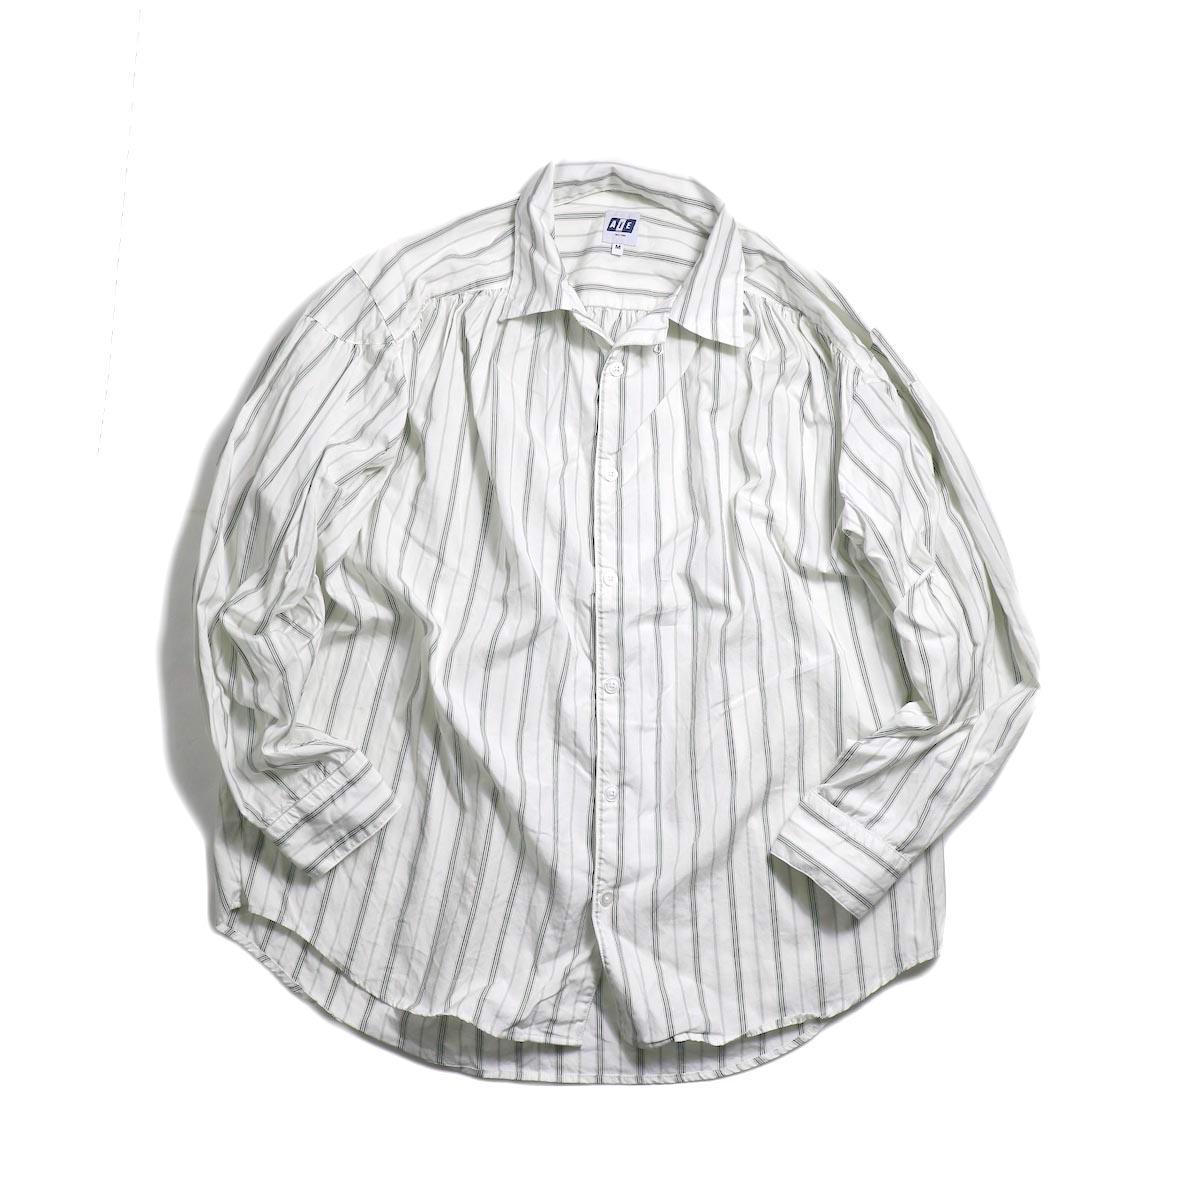 AiE / Painter Shirt -Regent St. (Grn/Wht)